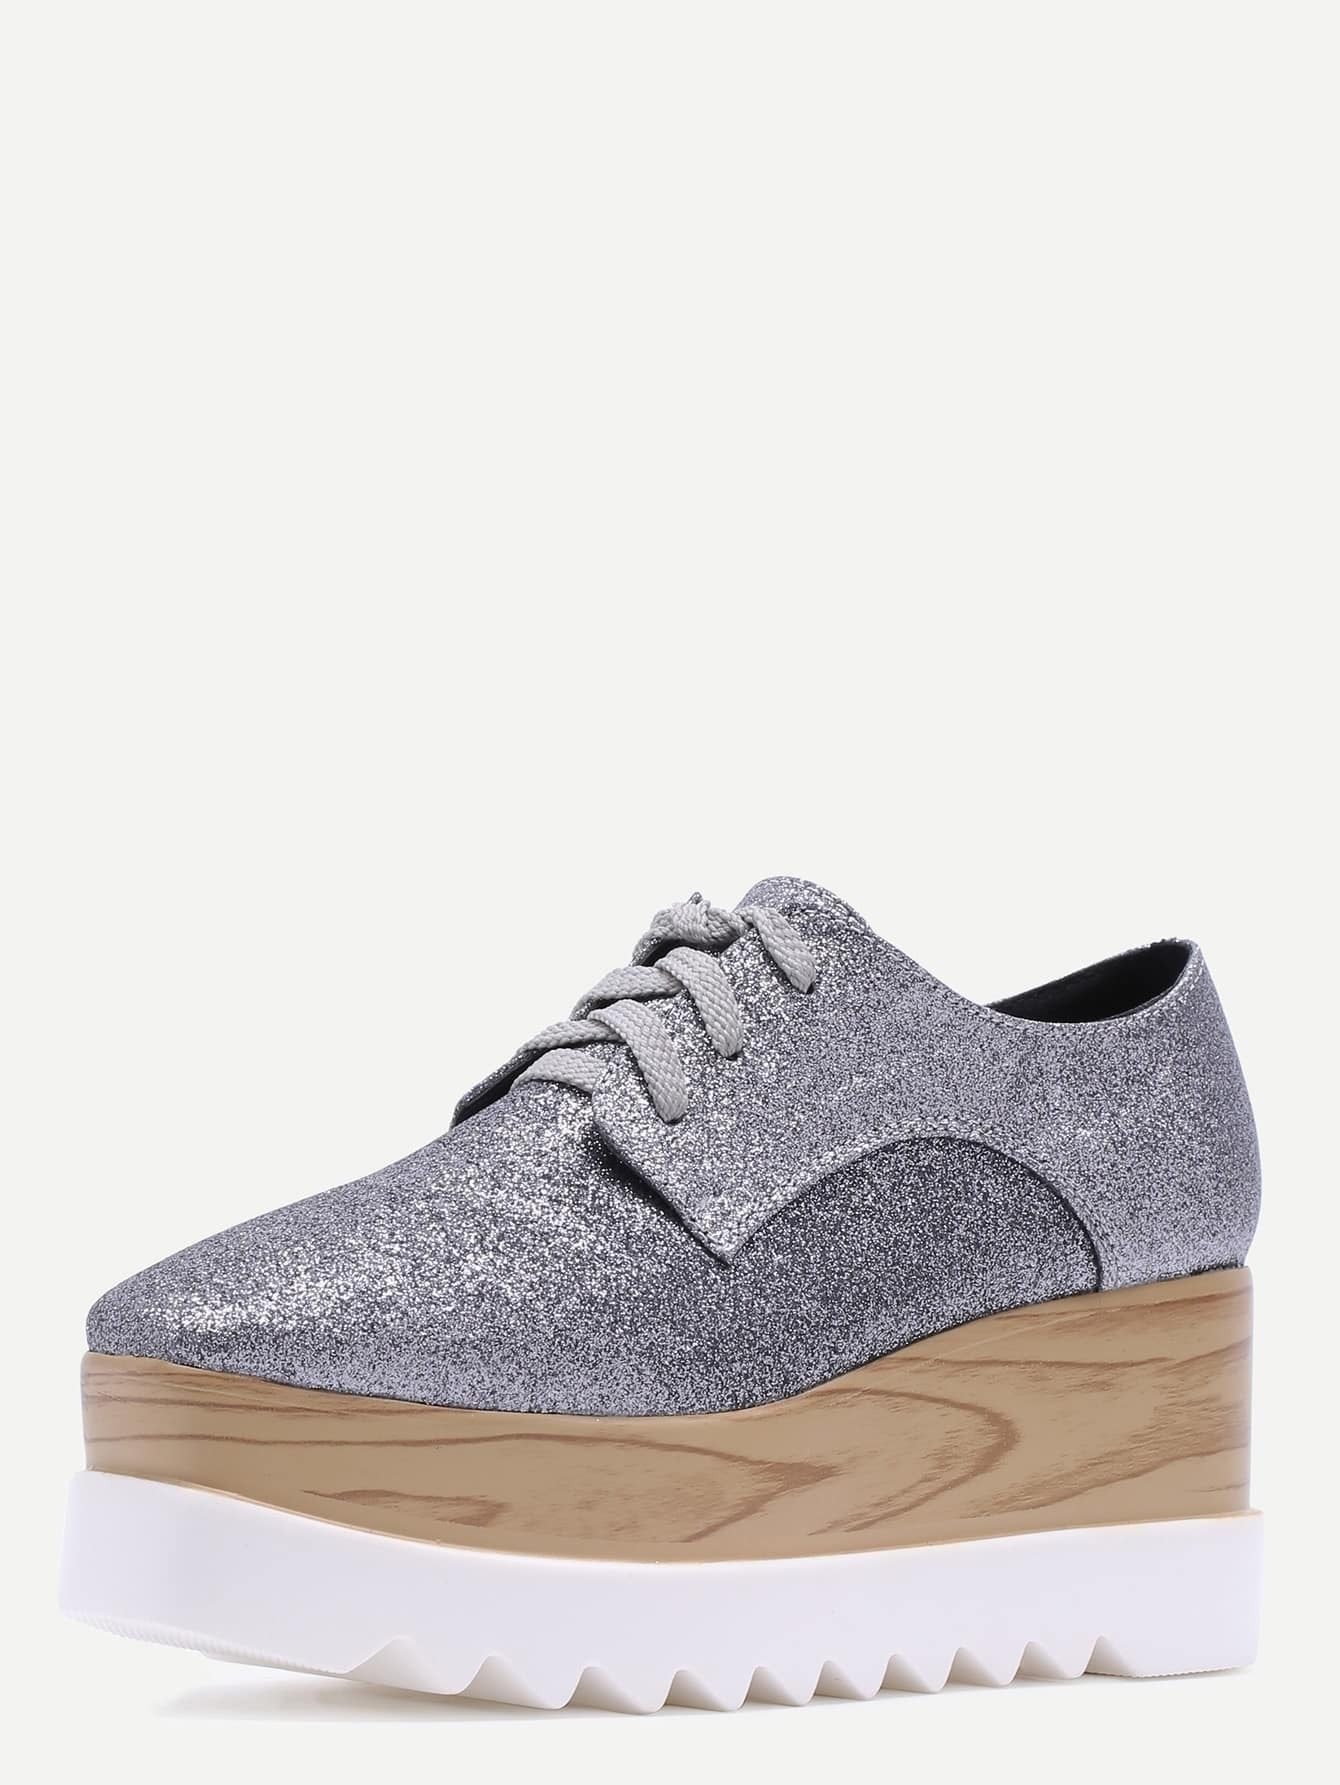 shoes161014803_2